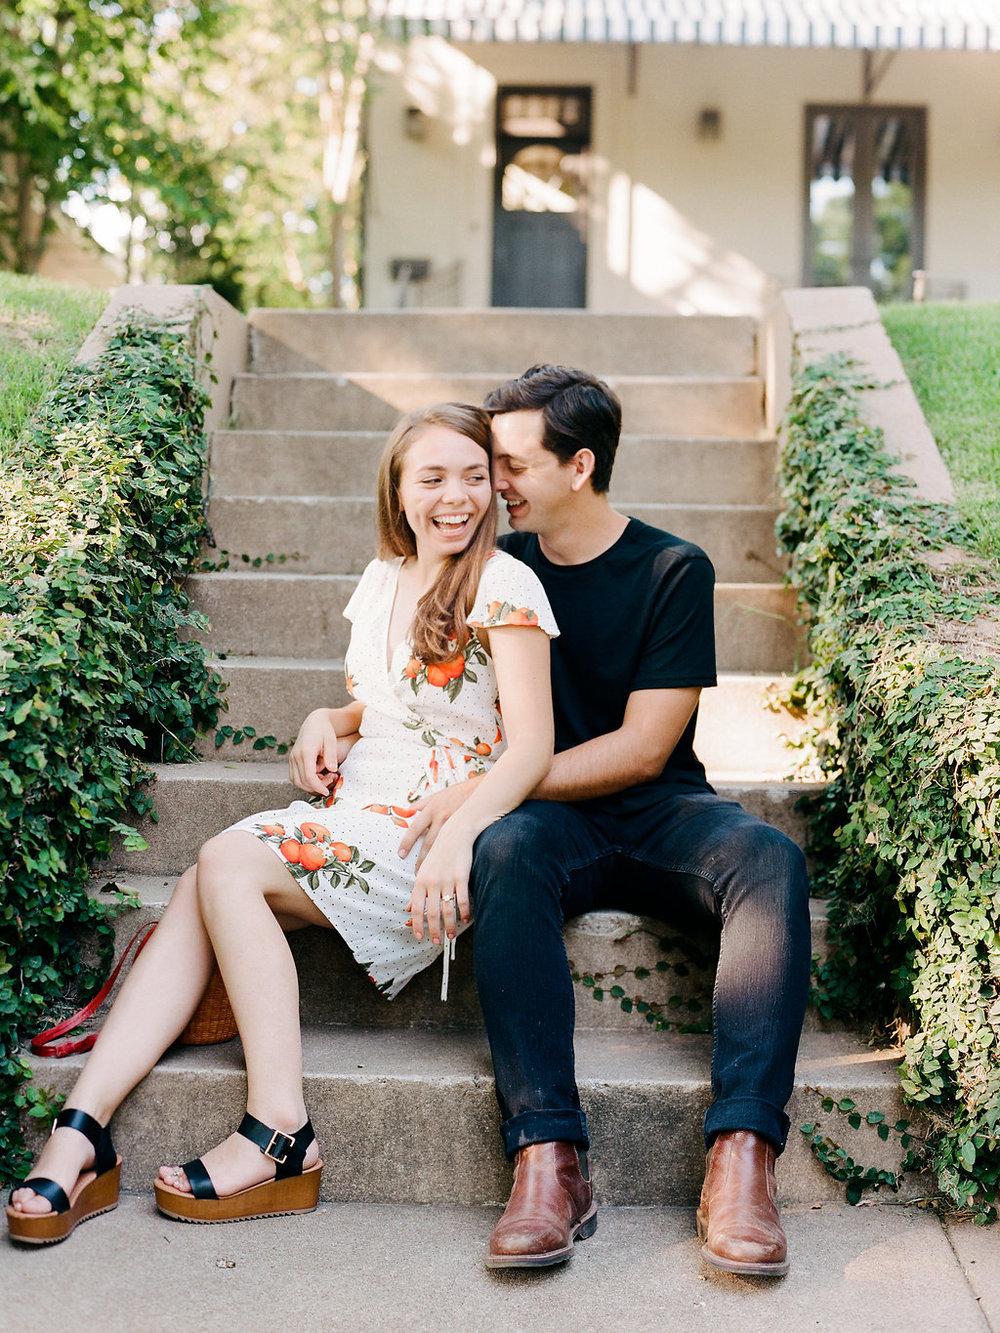 Best-Austin-Denver-California-Wedding-Photographers-fine-art-film-Engagement-Session-31.jpg